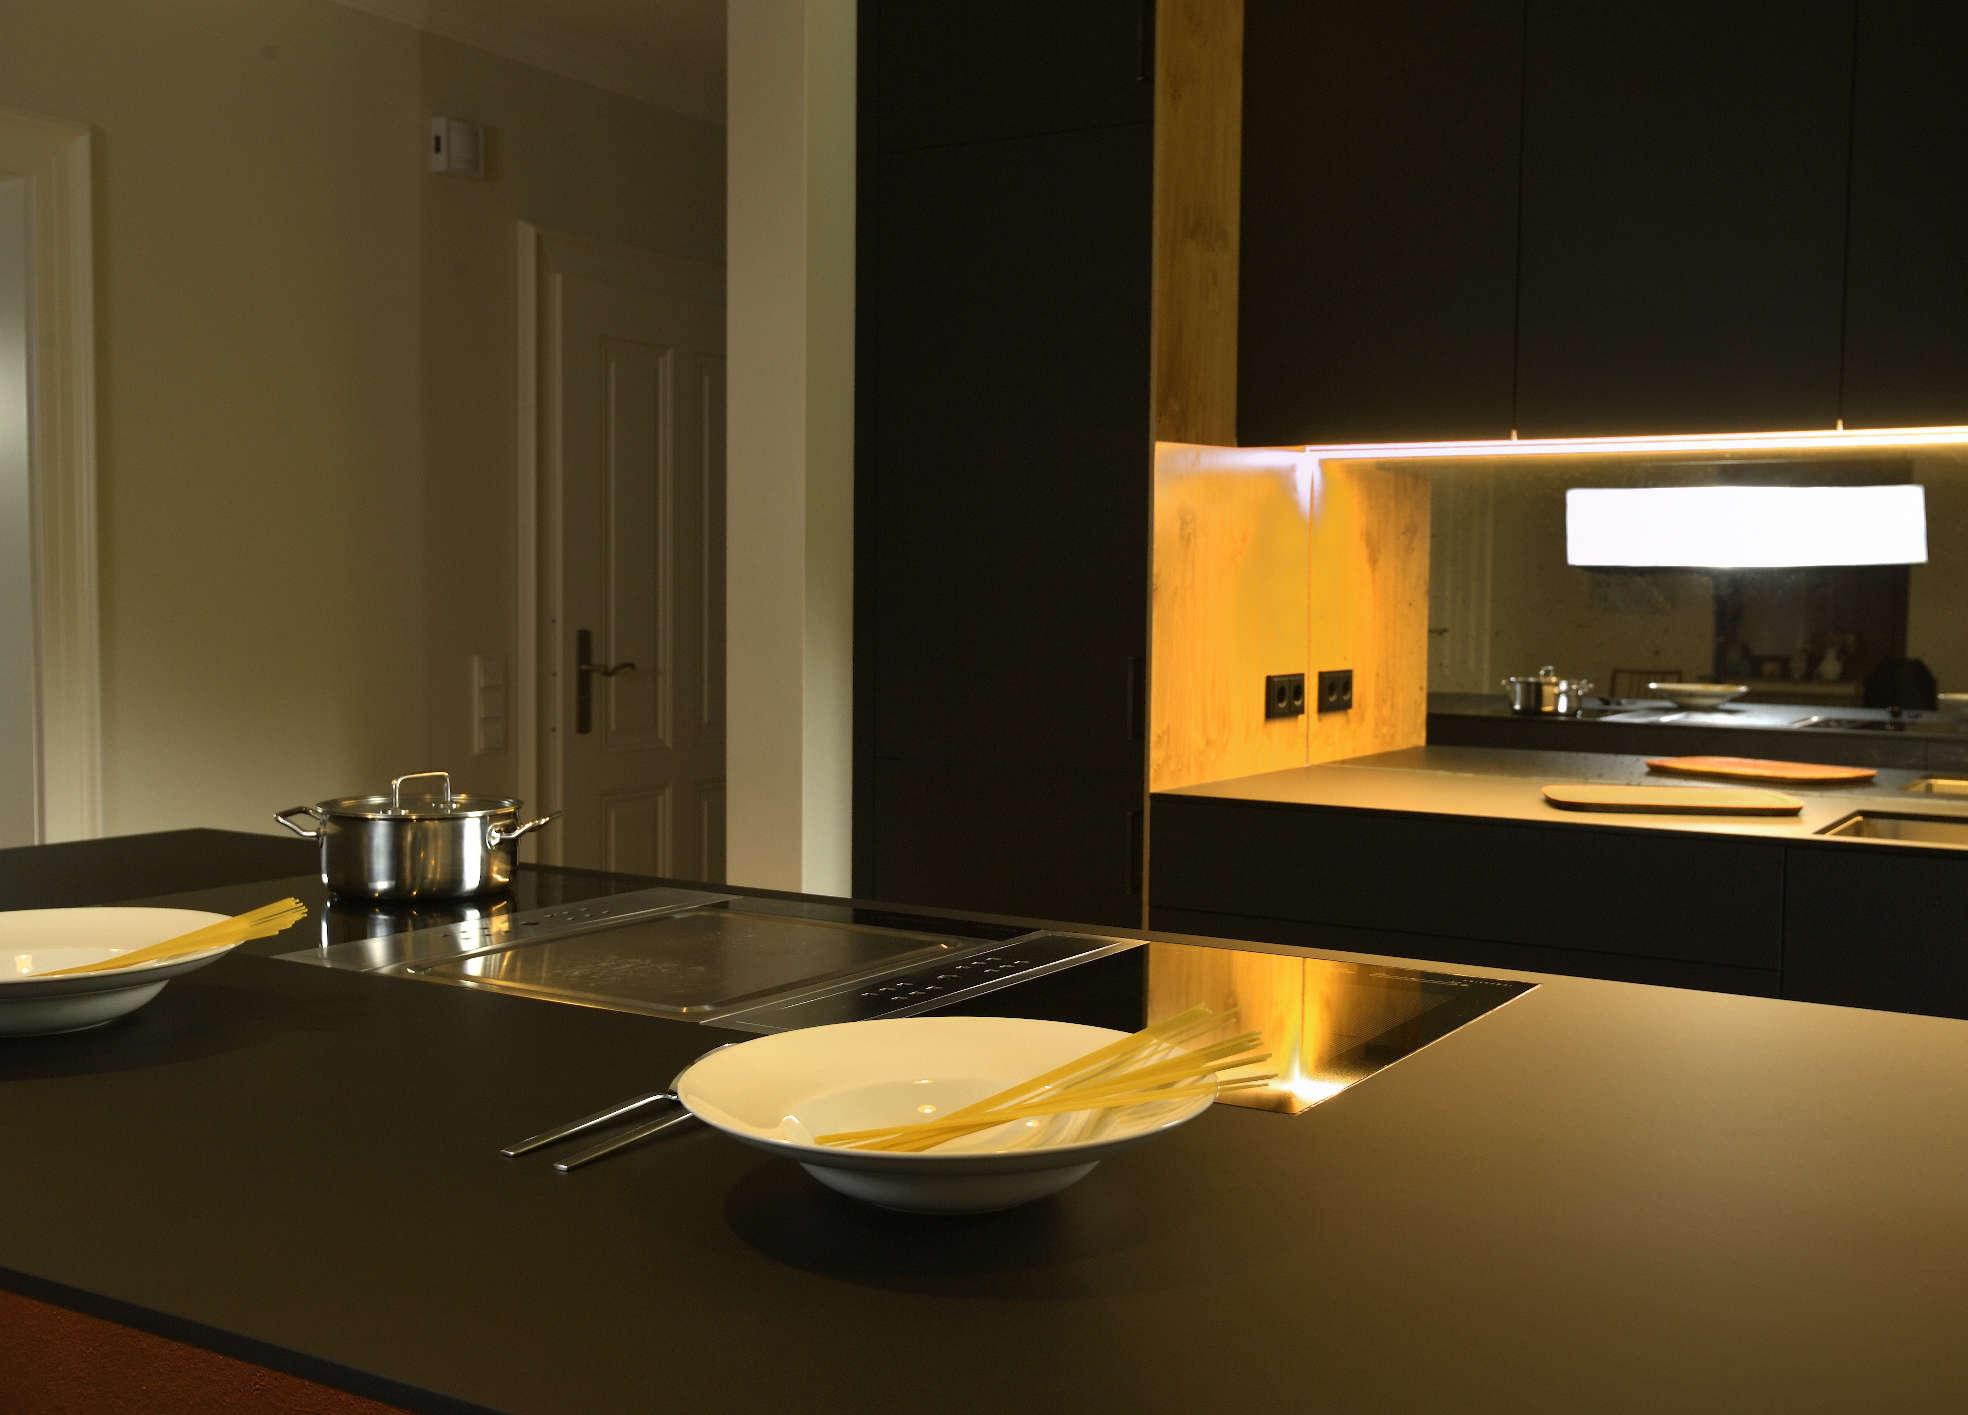 Küche matt schwarz und Holz mit eingelassenem Kochfeld im Mittelteil und weiterem Arbeitsbereich im Hintergrund